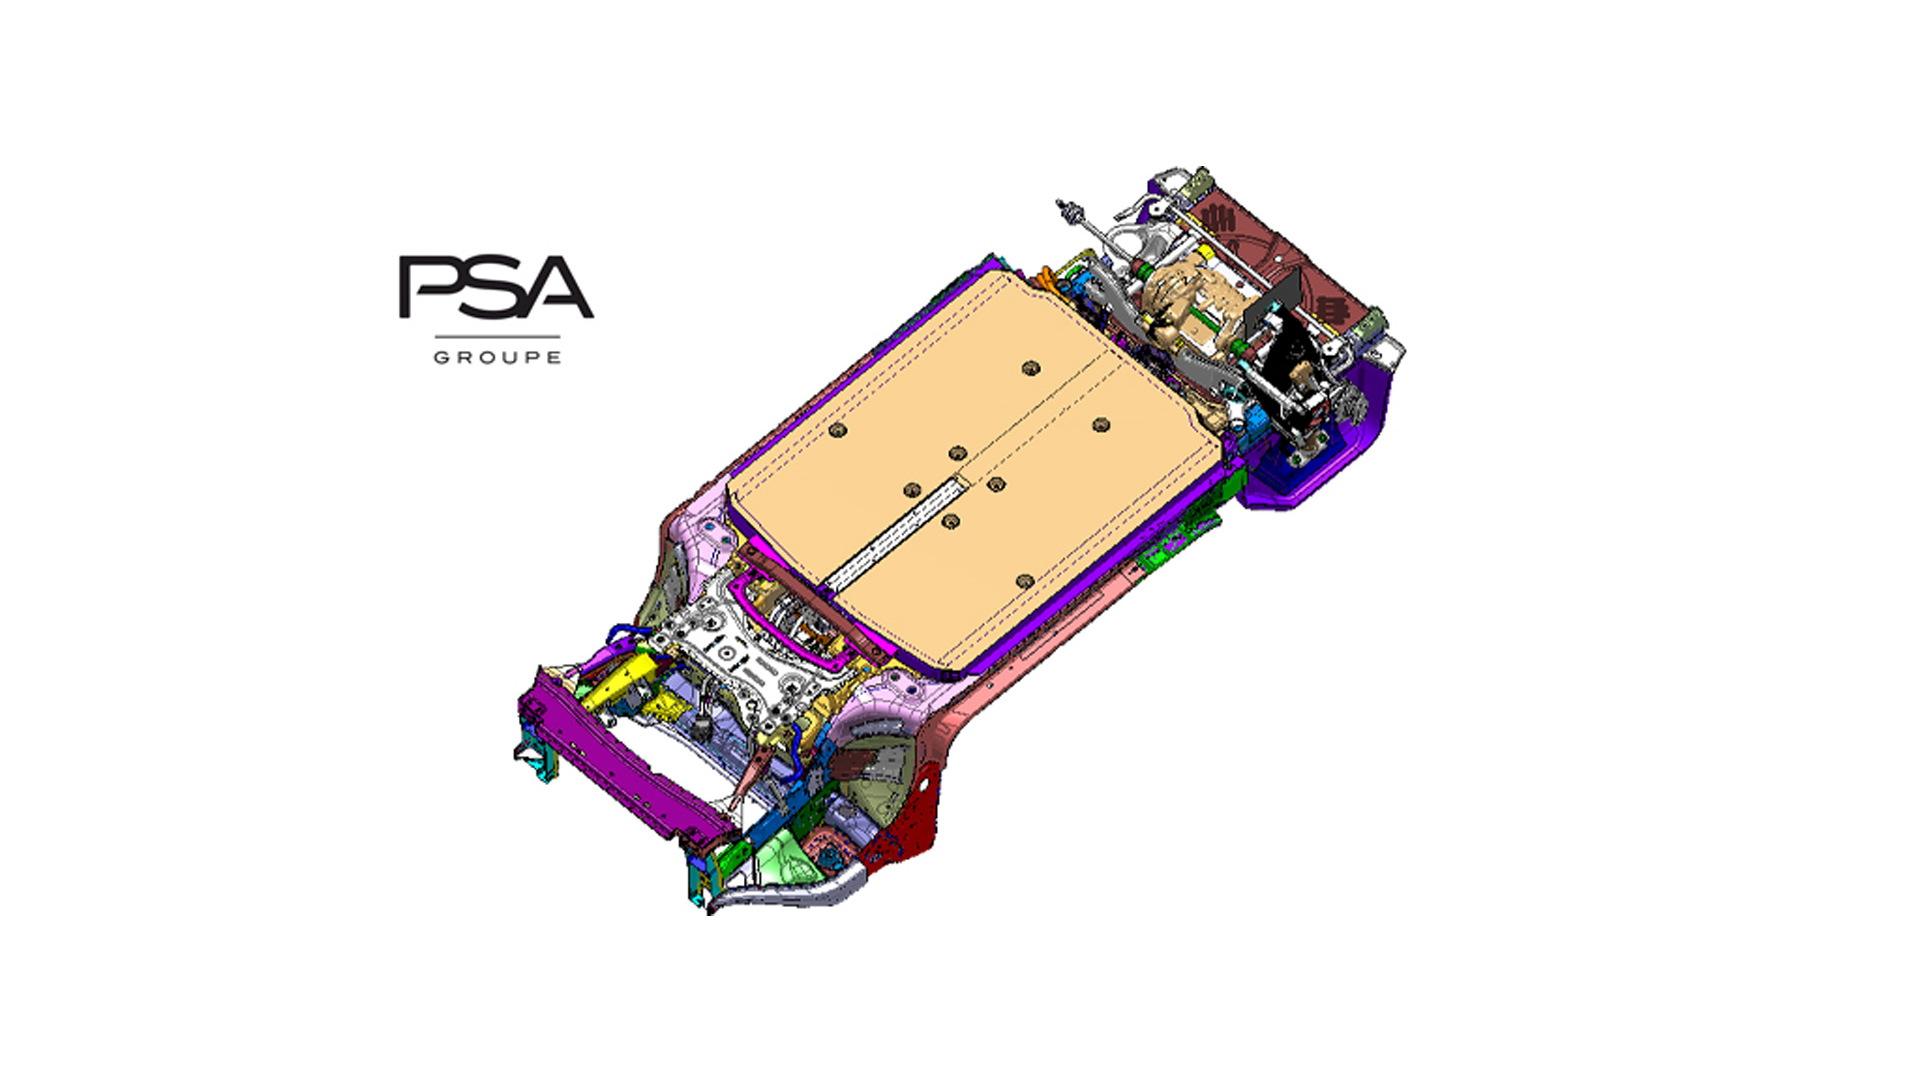 PSA Group eVMP modular platform